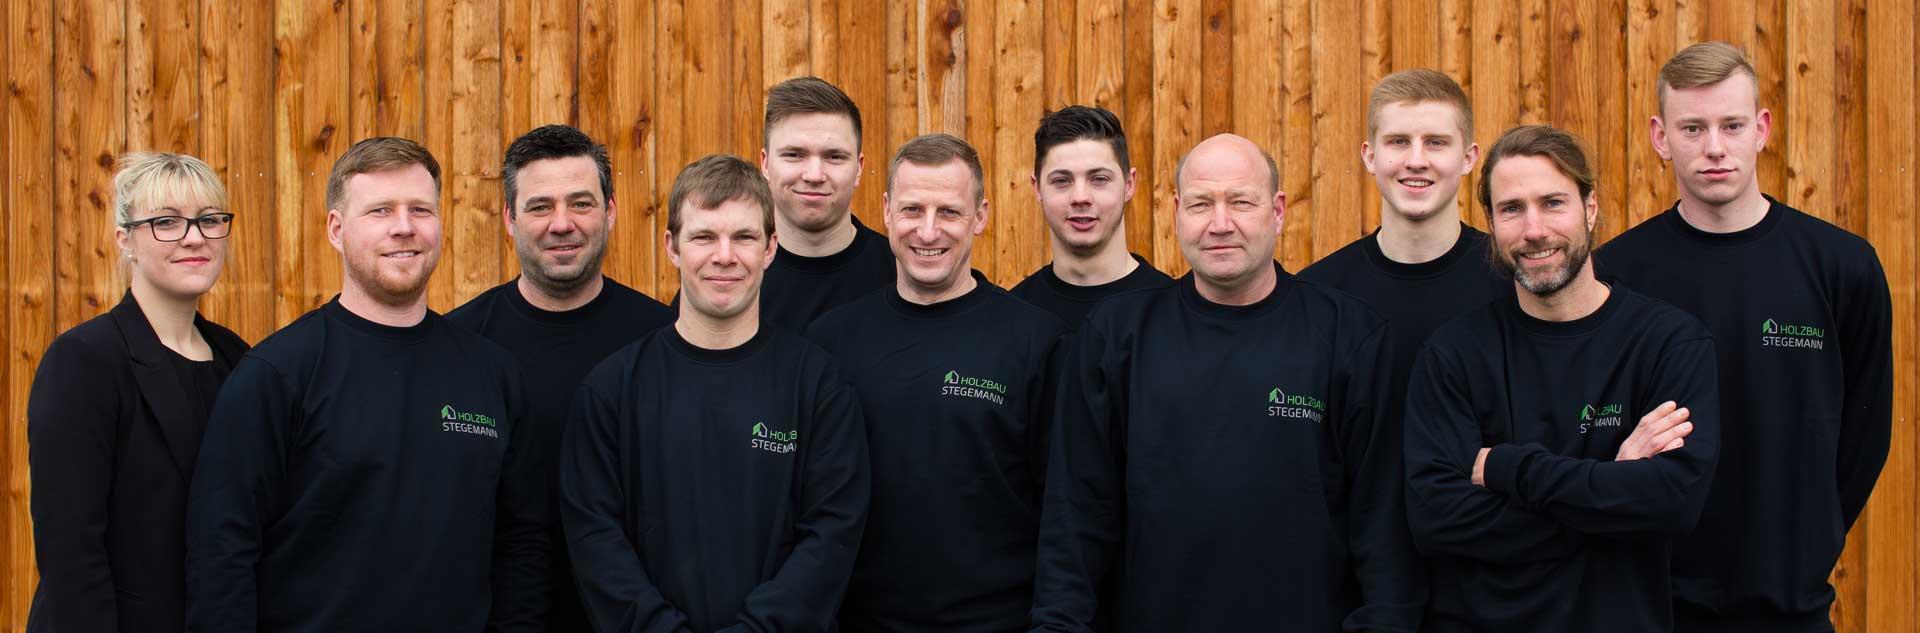 Holzbau Stegemann Gruppenfoto